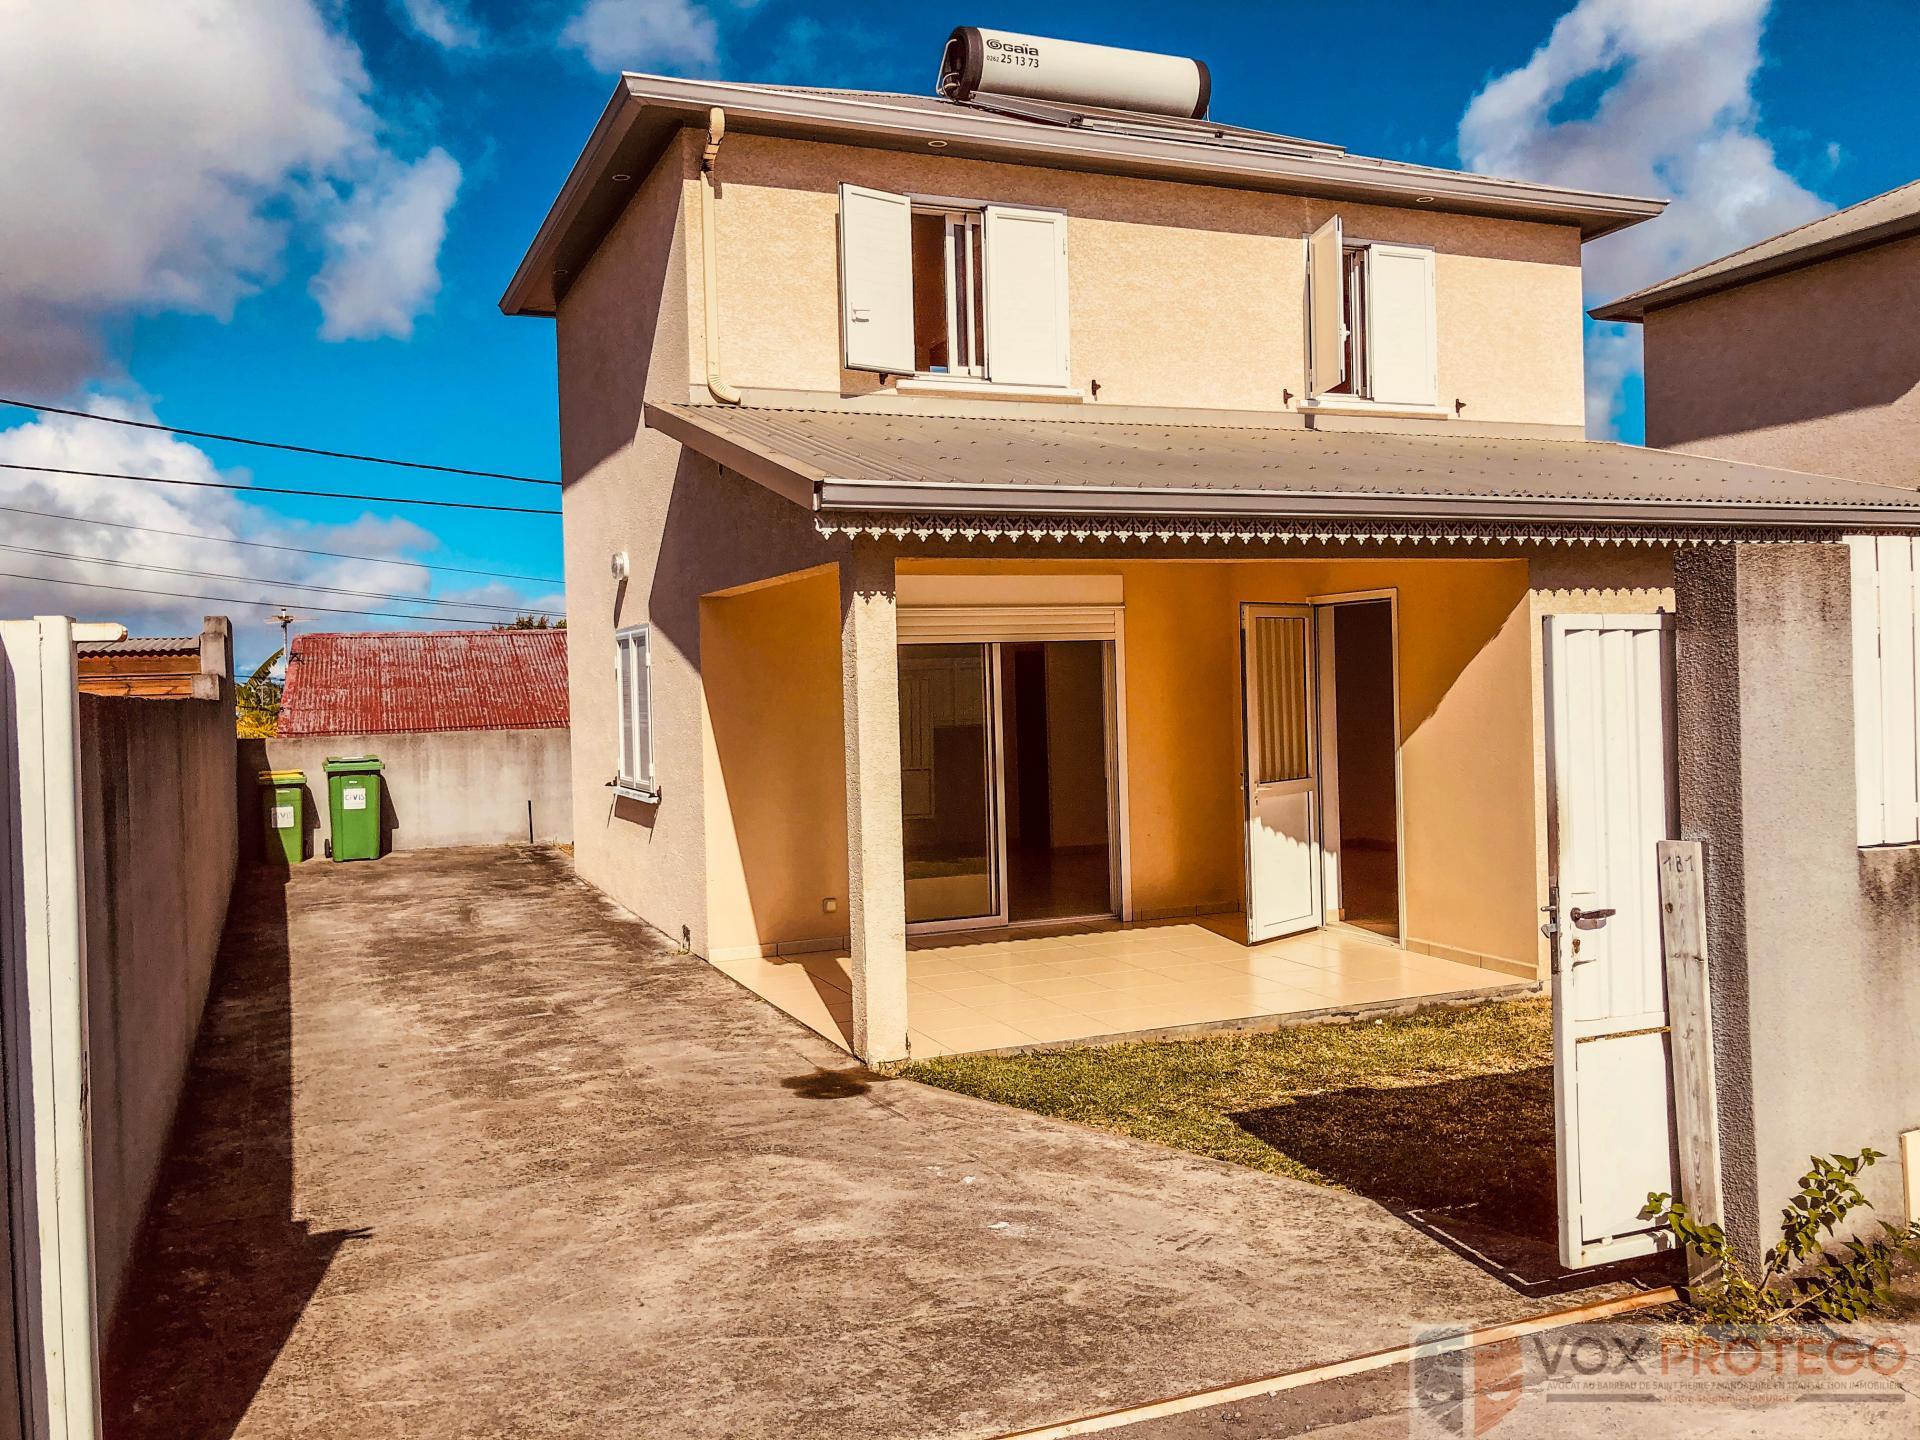 Maison F4 - LIGNE DES 400 - SAINT PIERRE (RÉUNION)